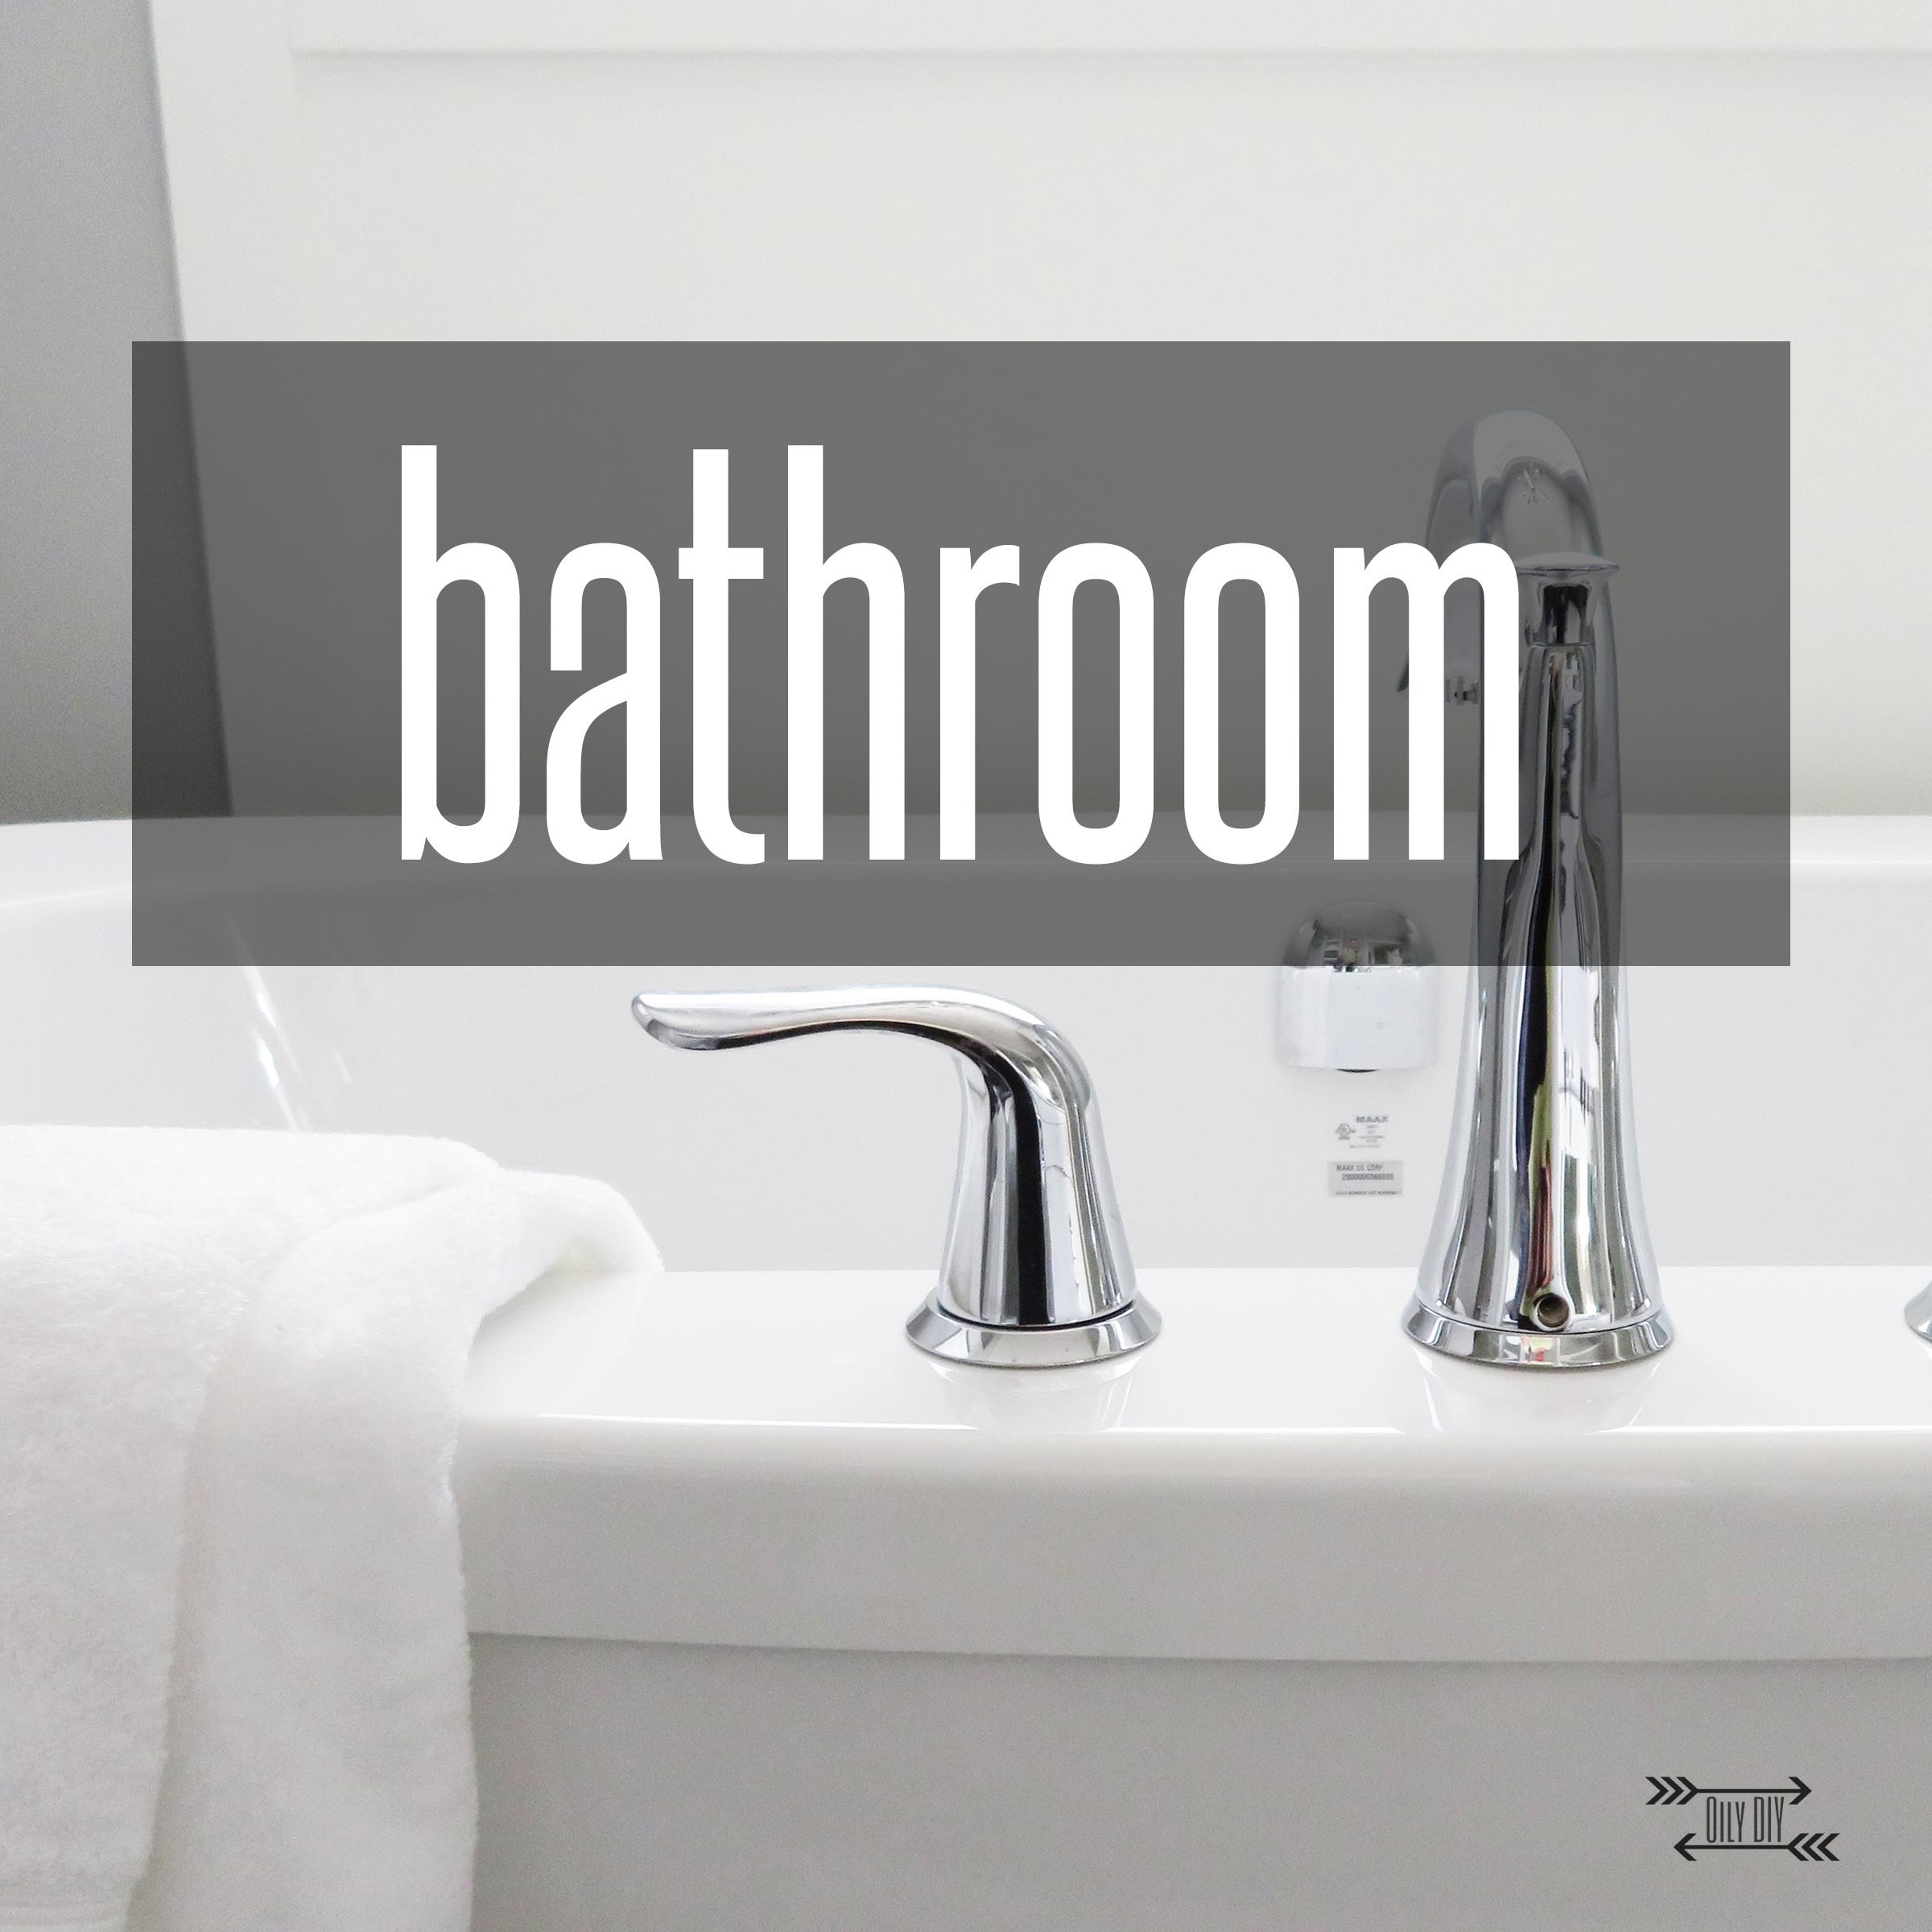 bathroomTitle.jpg